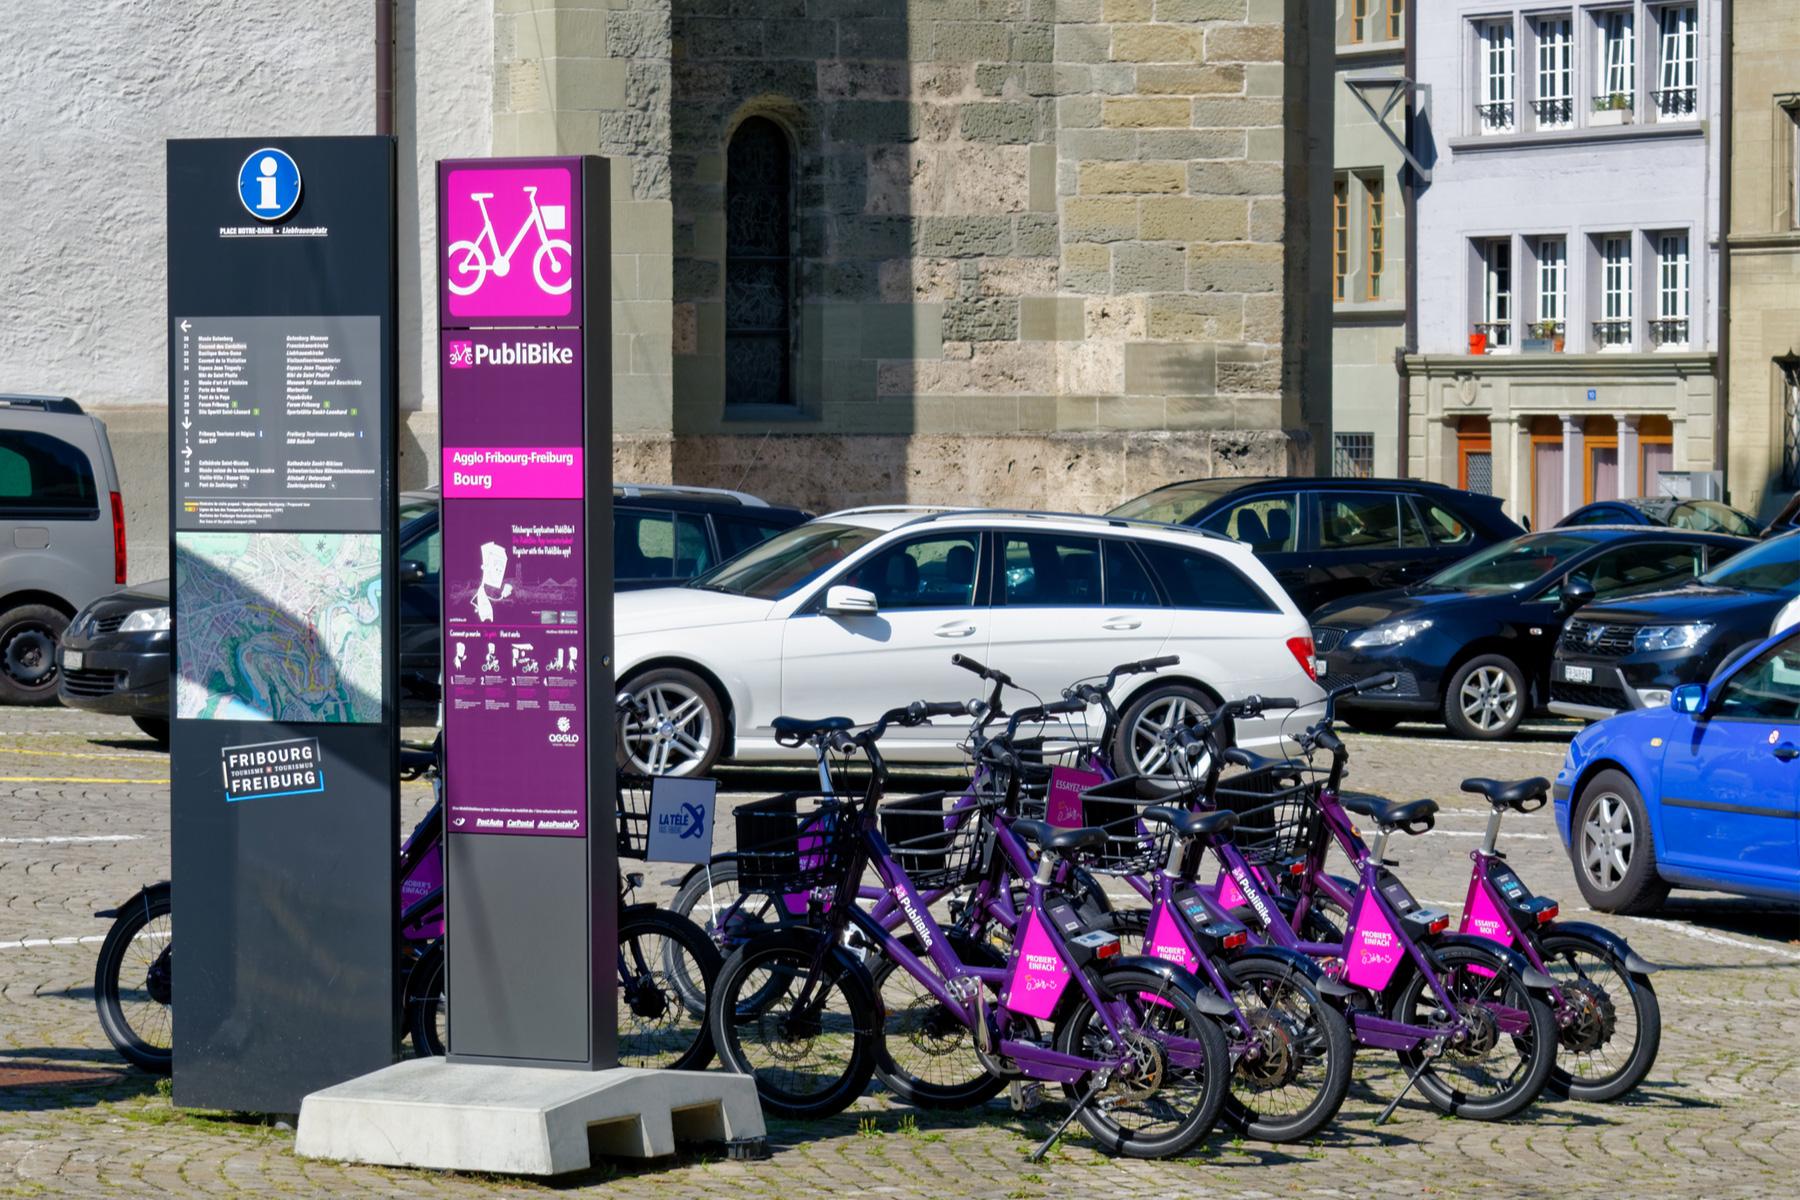 Bike sharing in Switzerland